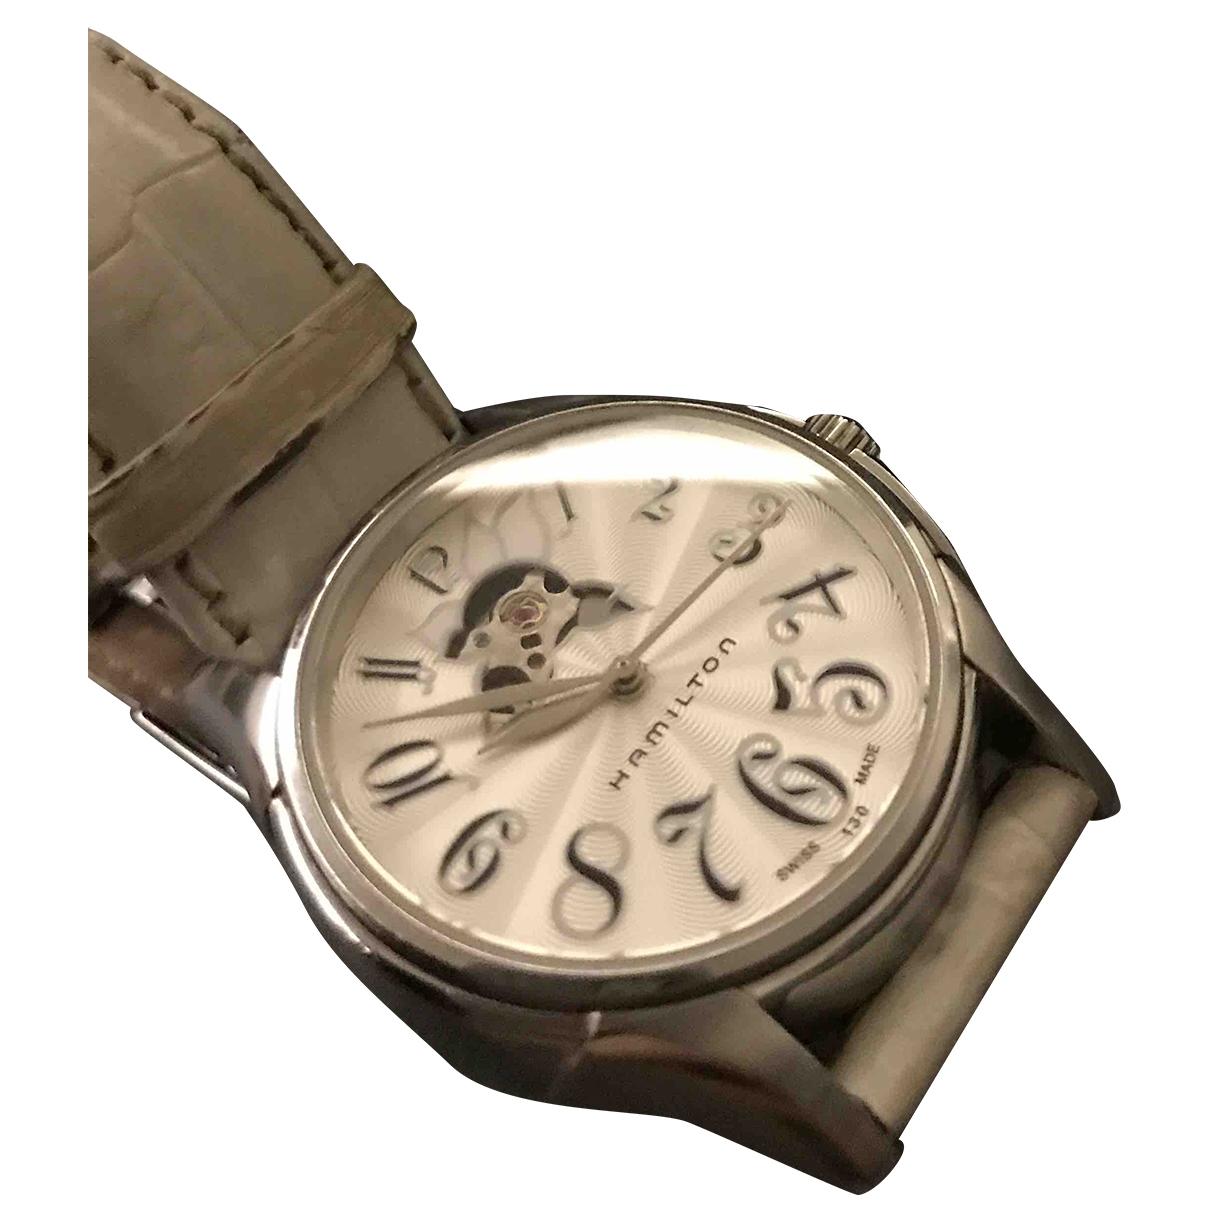 Hamilton \N Uhr in  Weiss Stahl